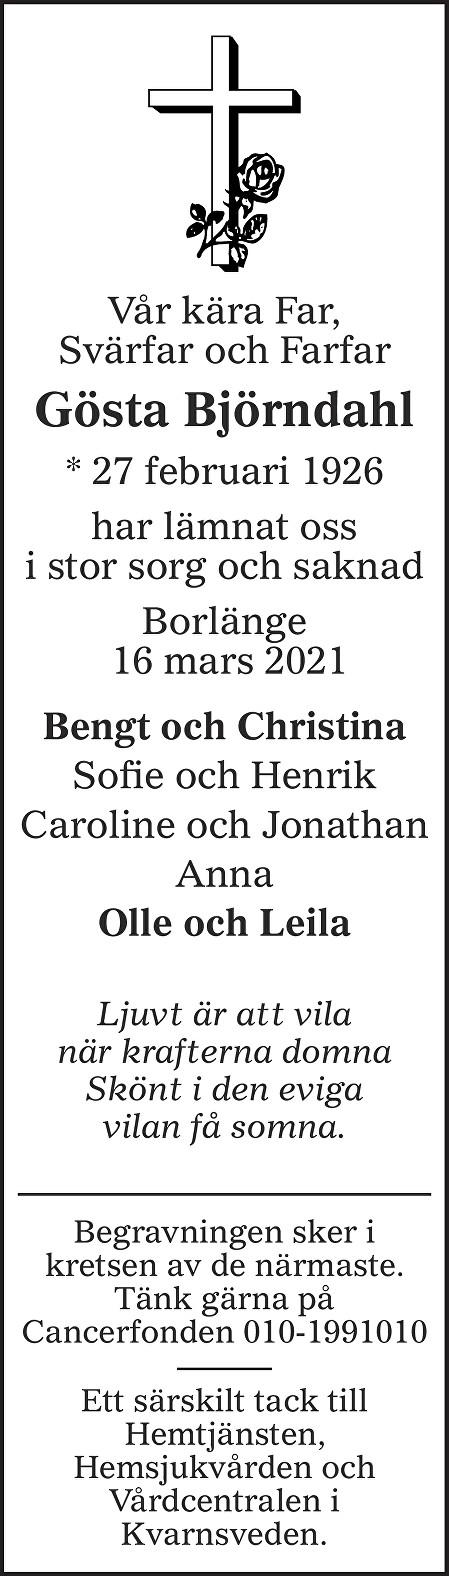 Gösta Björndahl Death notice